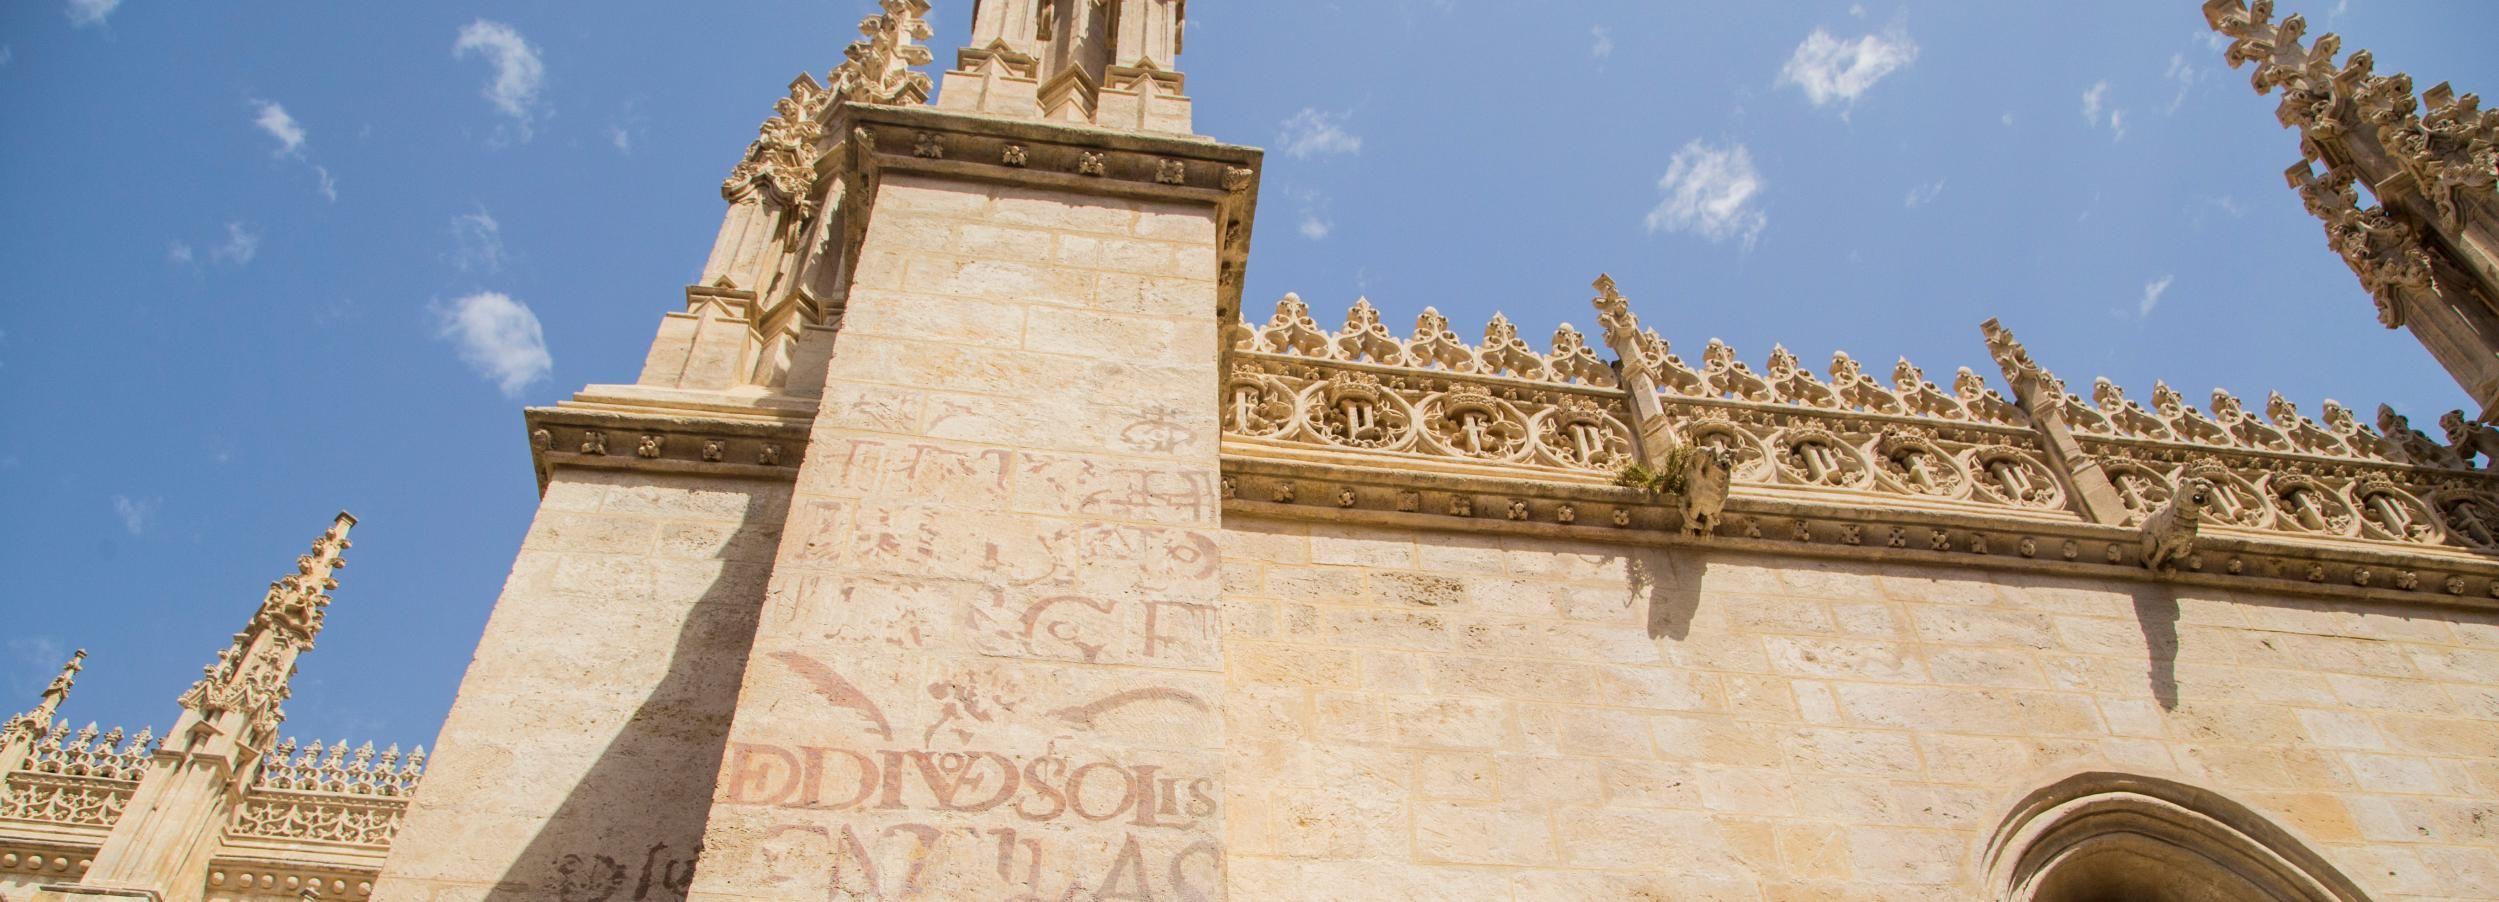 Granada: Rundgang durch die königliche Kapelle und das historische Zentrum